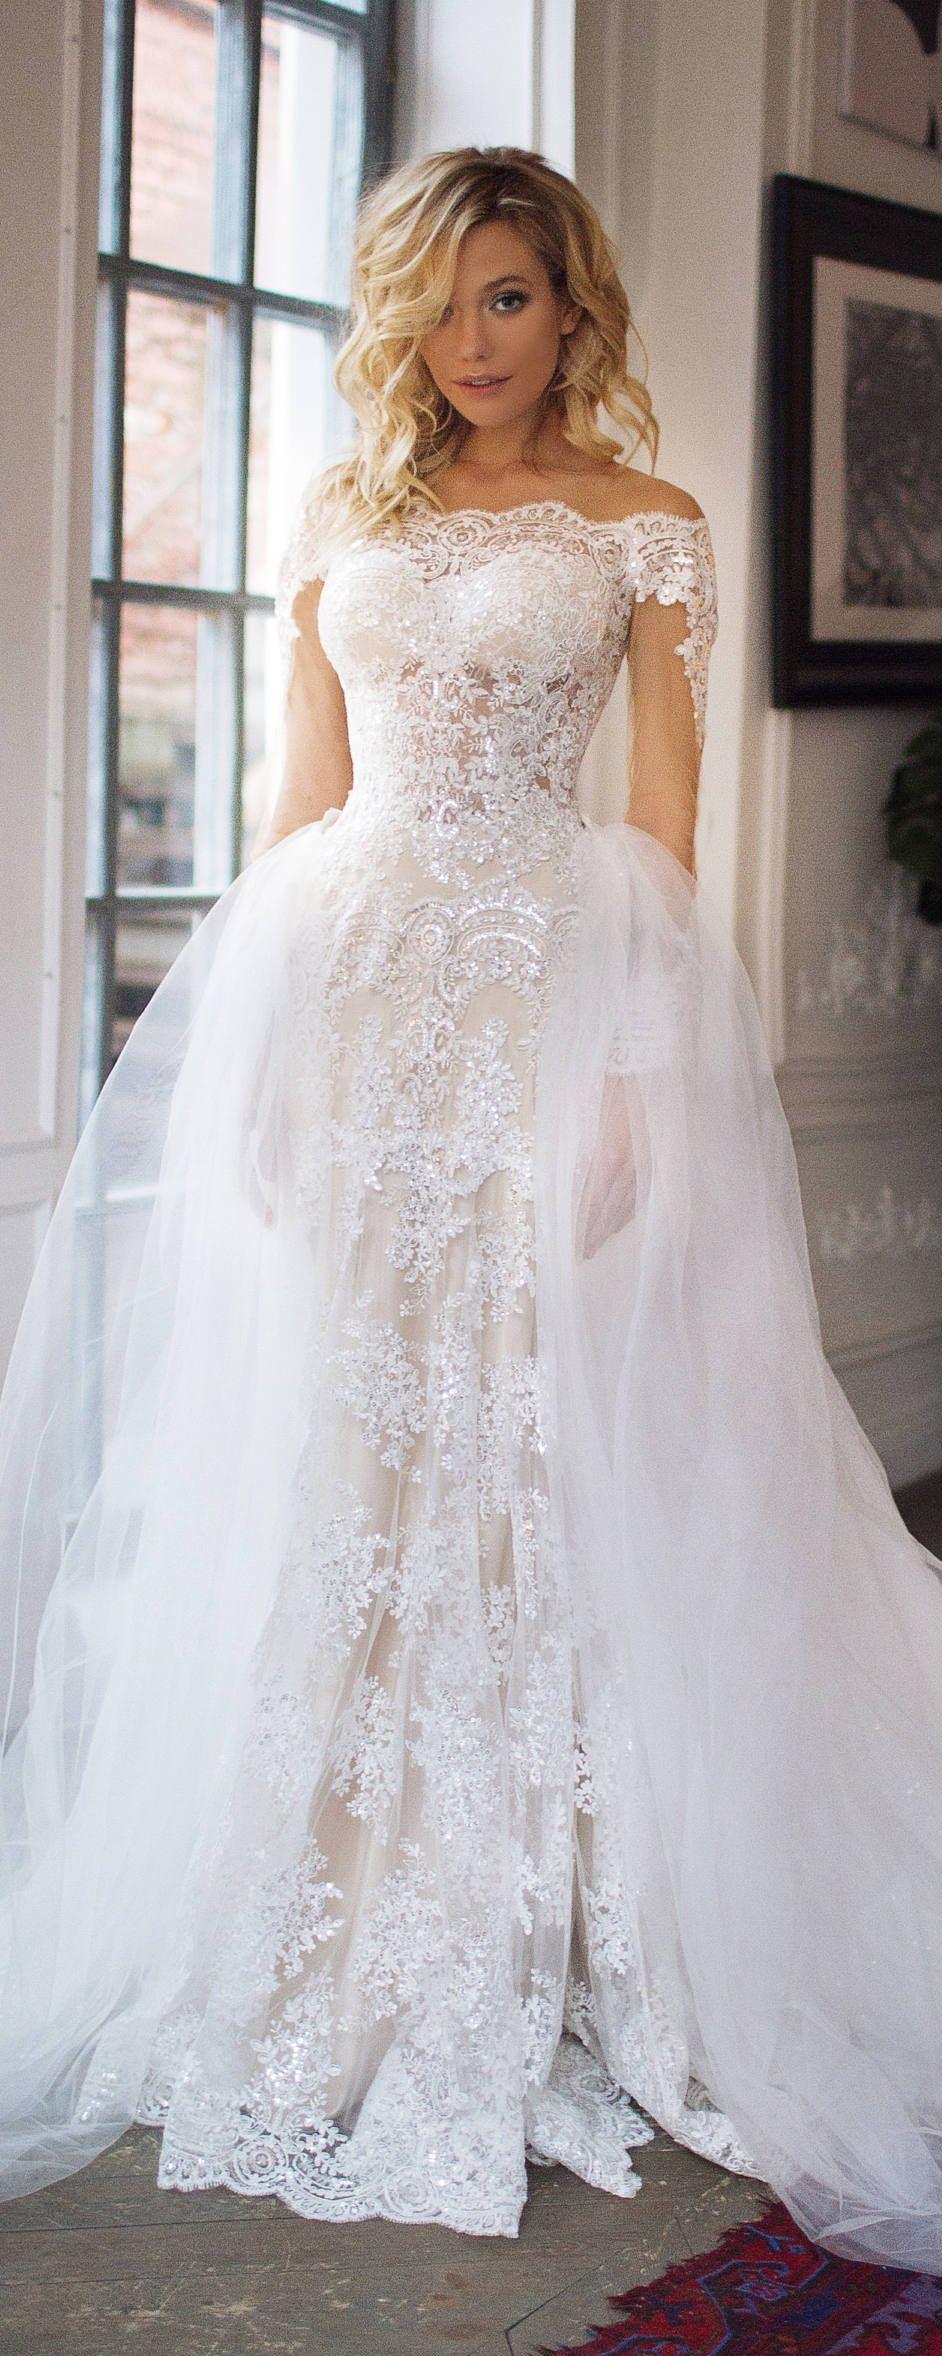 Mermaid wedding dress with detachable train  detachable train wedding dress Nektaria off the shoulder long sleev